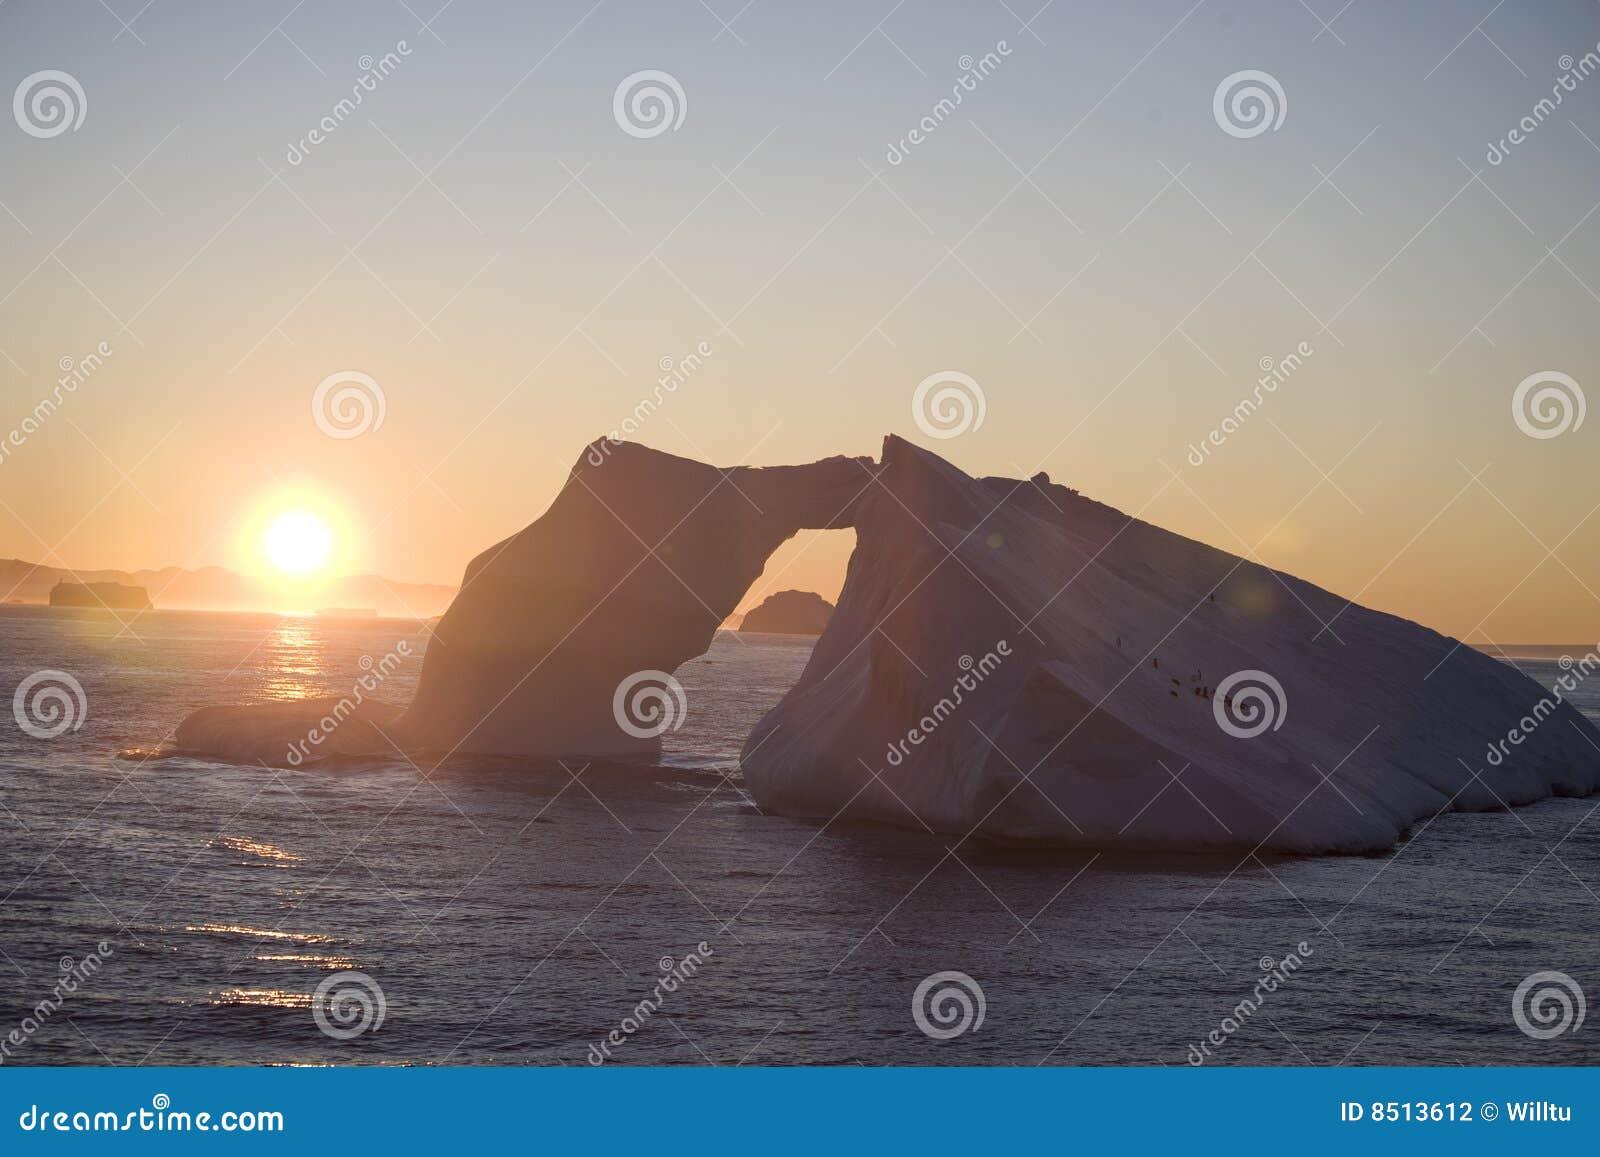 Antarktischer Eisberg am Sonnenuntergang